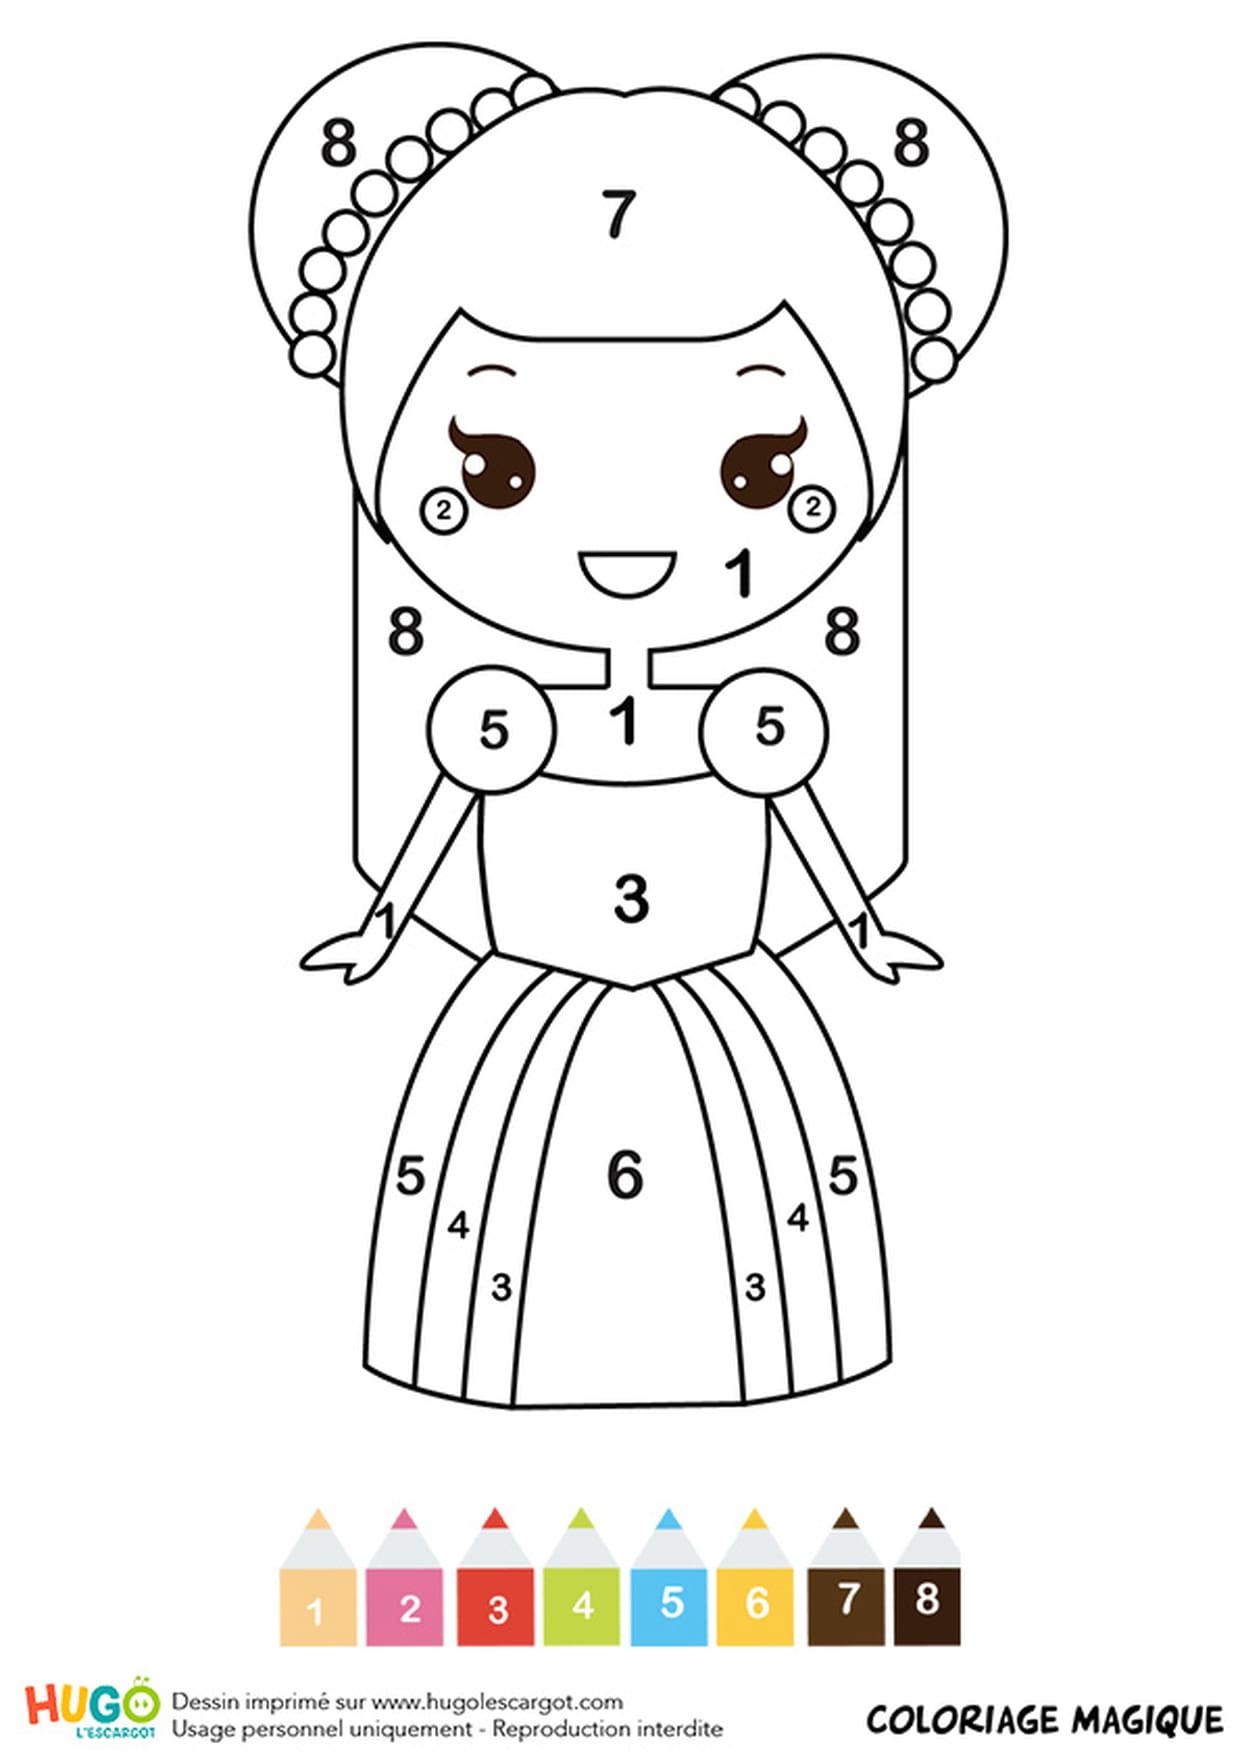 Coloriage Magique Cp : Une Belle Princesse intérieur Coloriage Magique A Imprimer Ce2 Gratuit